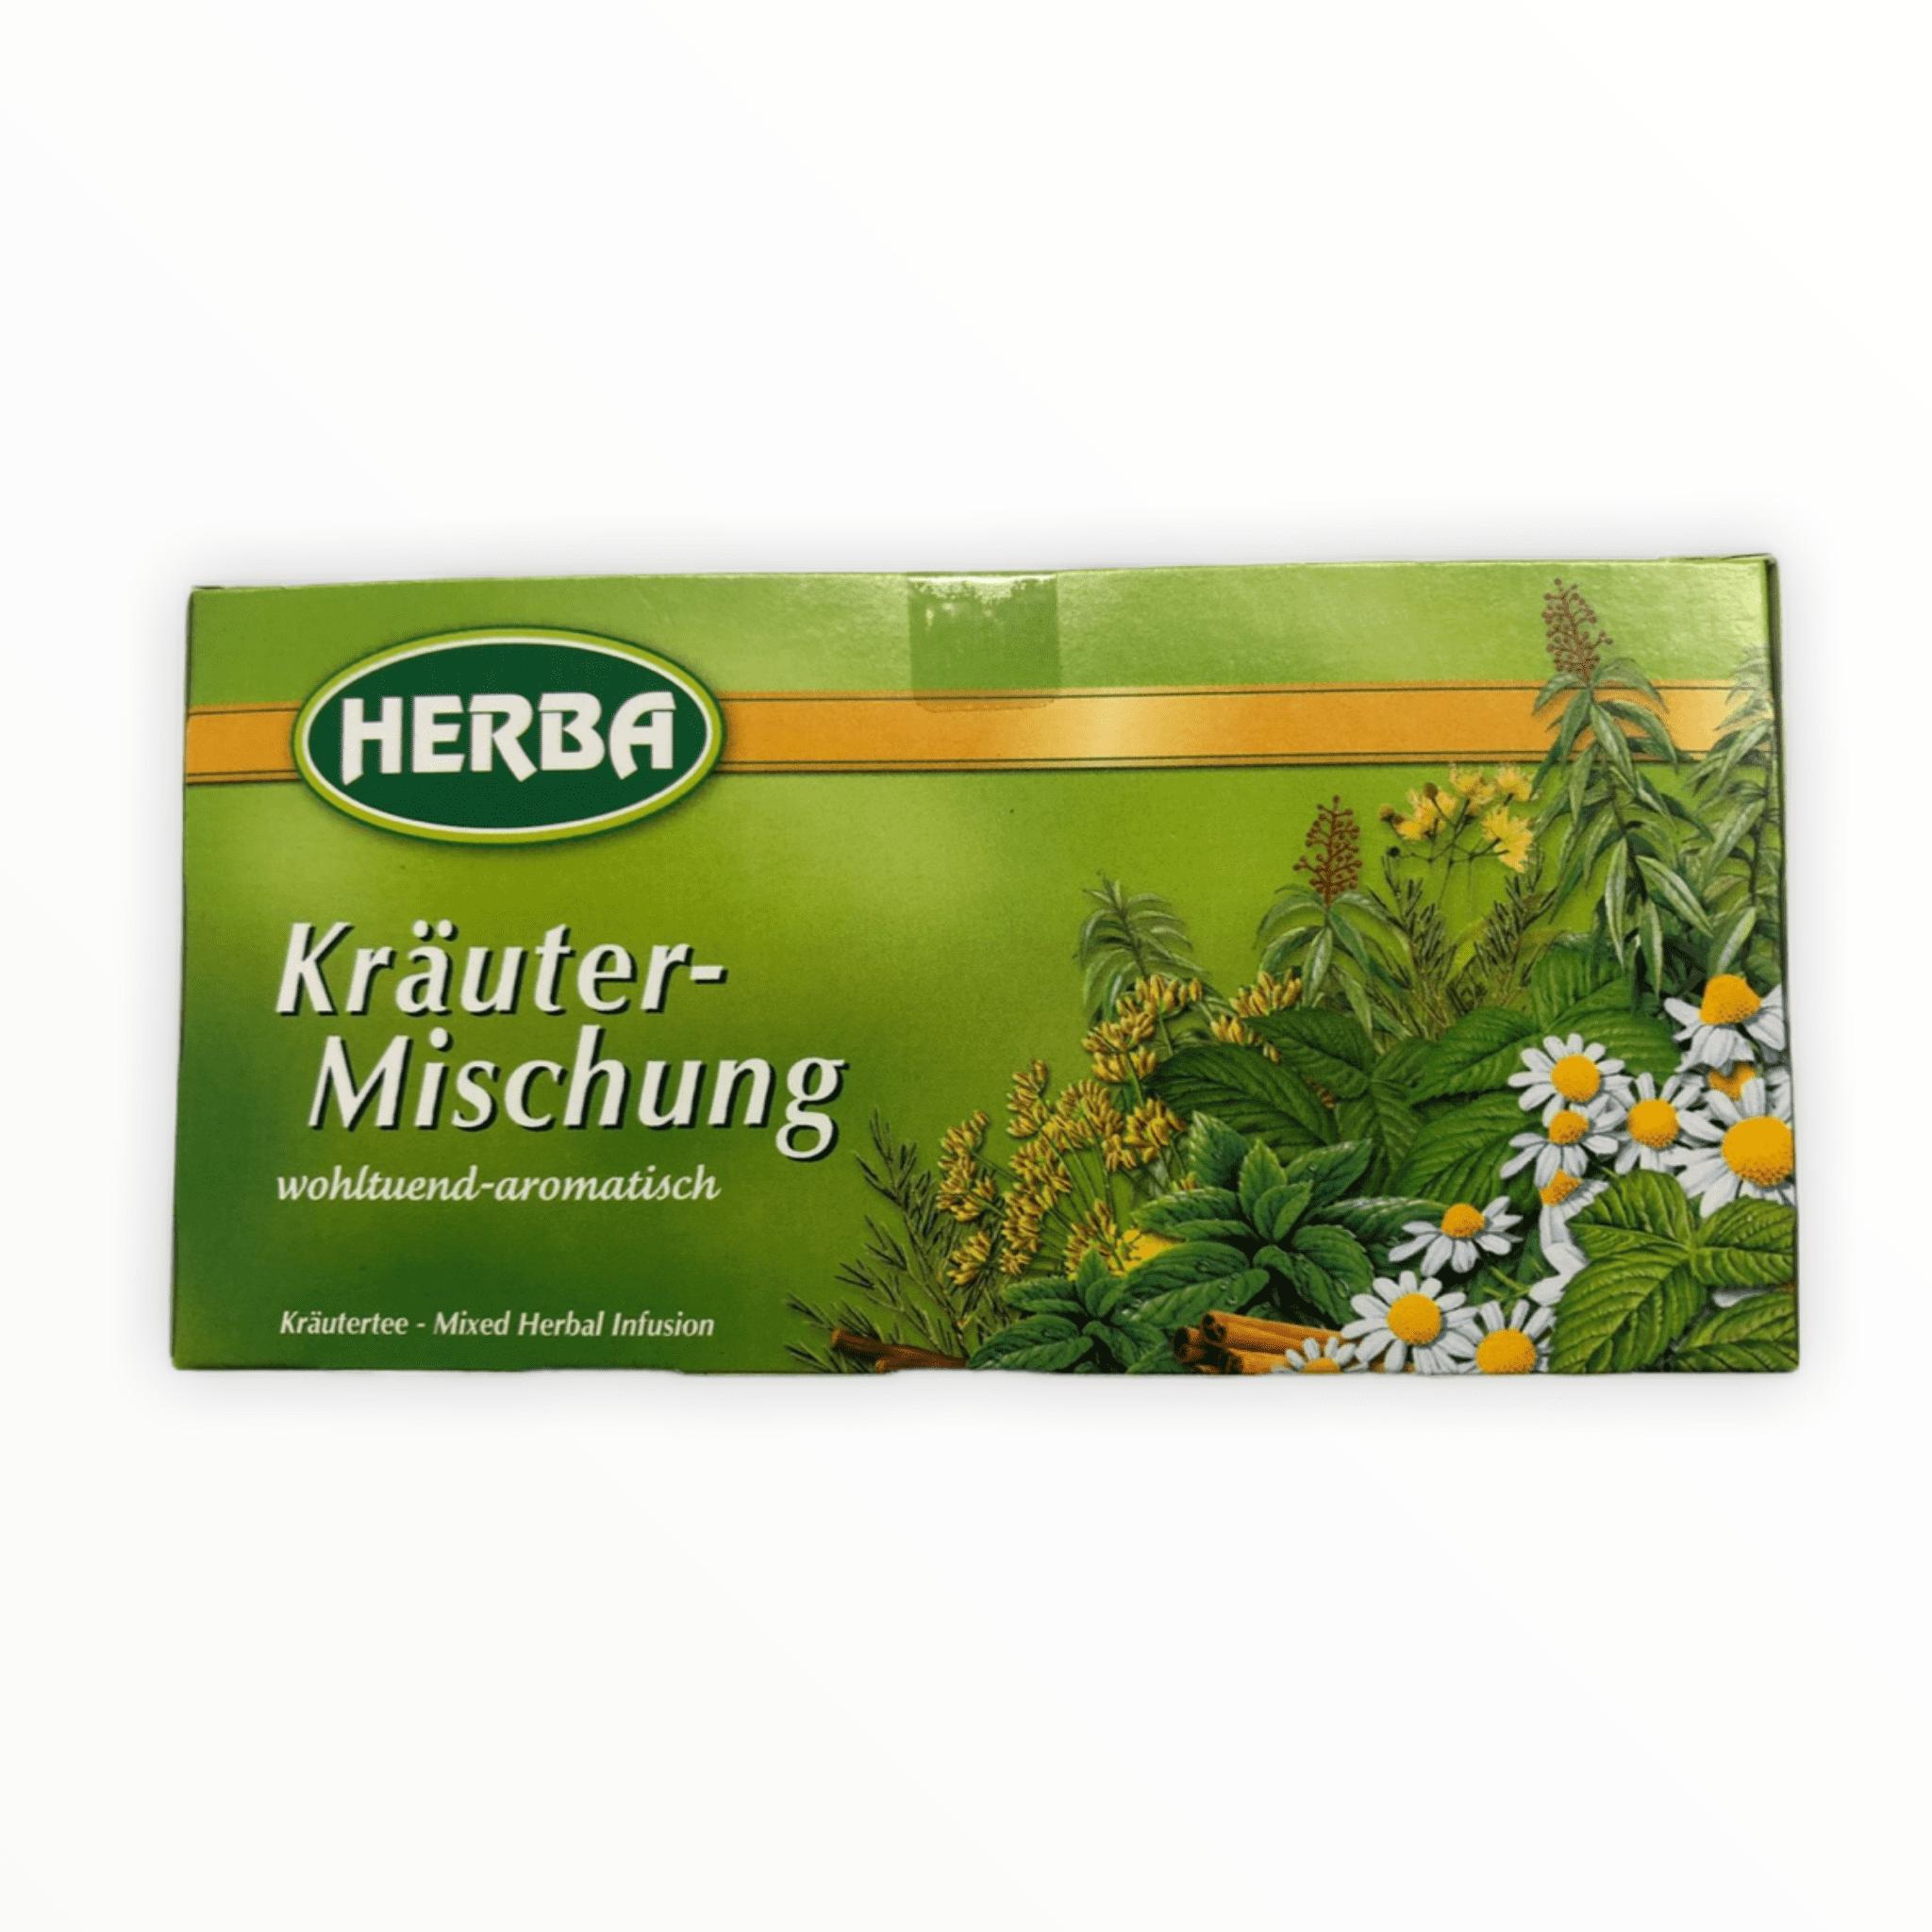 20er Packung Herba Tee Kräuter Mischung 30g